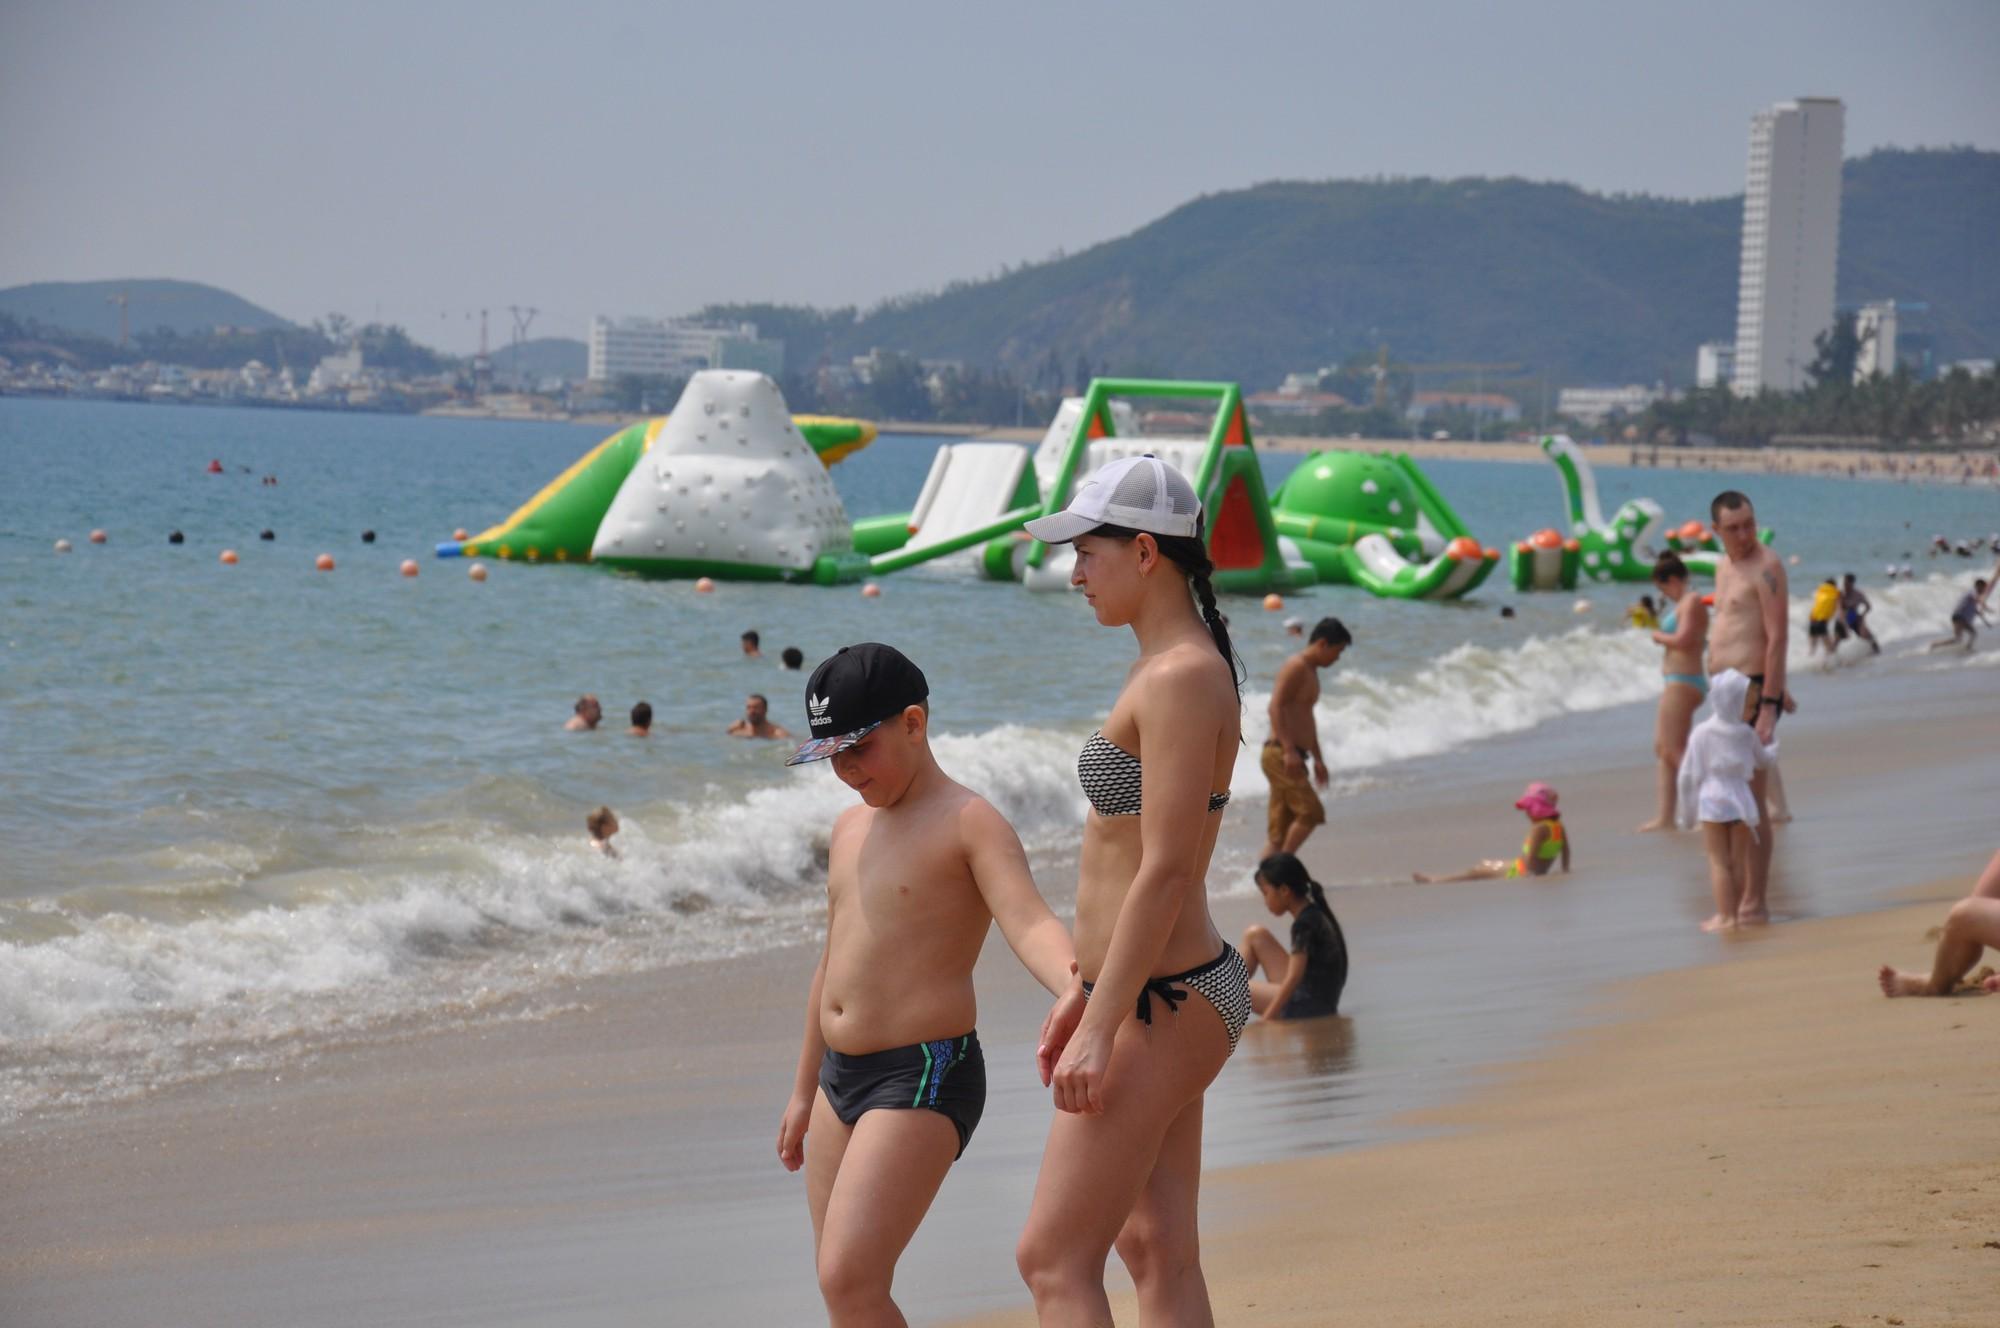 Giữa dịch Covid-19, du lịch Khánh Hòa vẫn hướng đến đón hơn 7,3 triệu lượt khách trong năm 2020 - Ảnh 3.